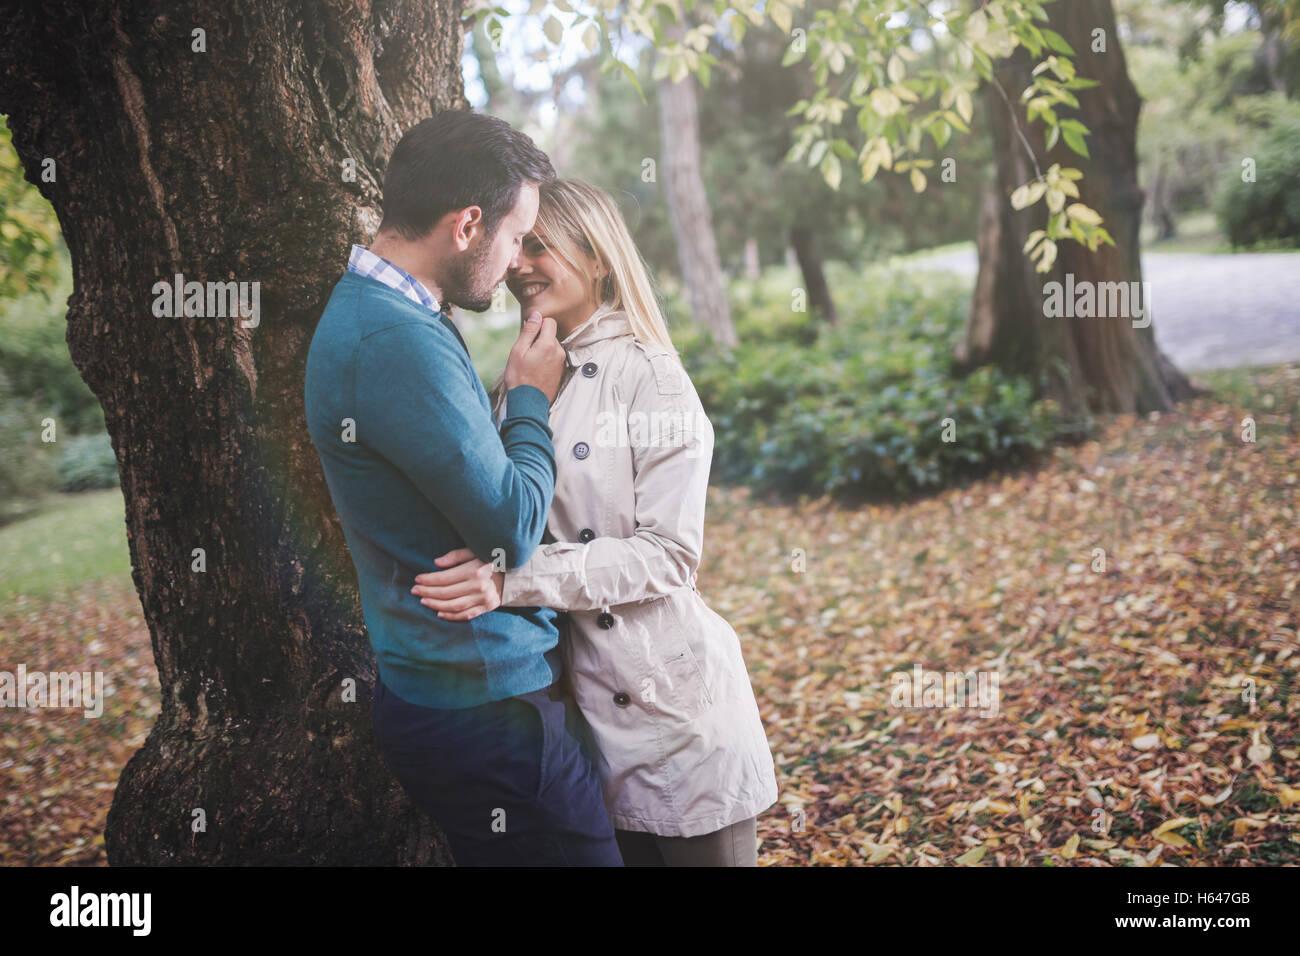 Glückliches Liebespaar im Park spazieren Stockbild